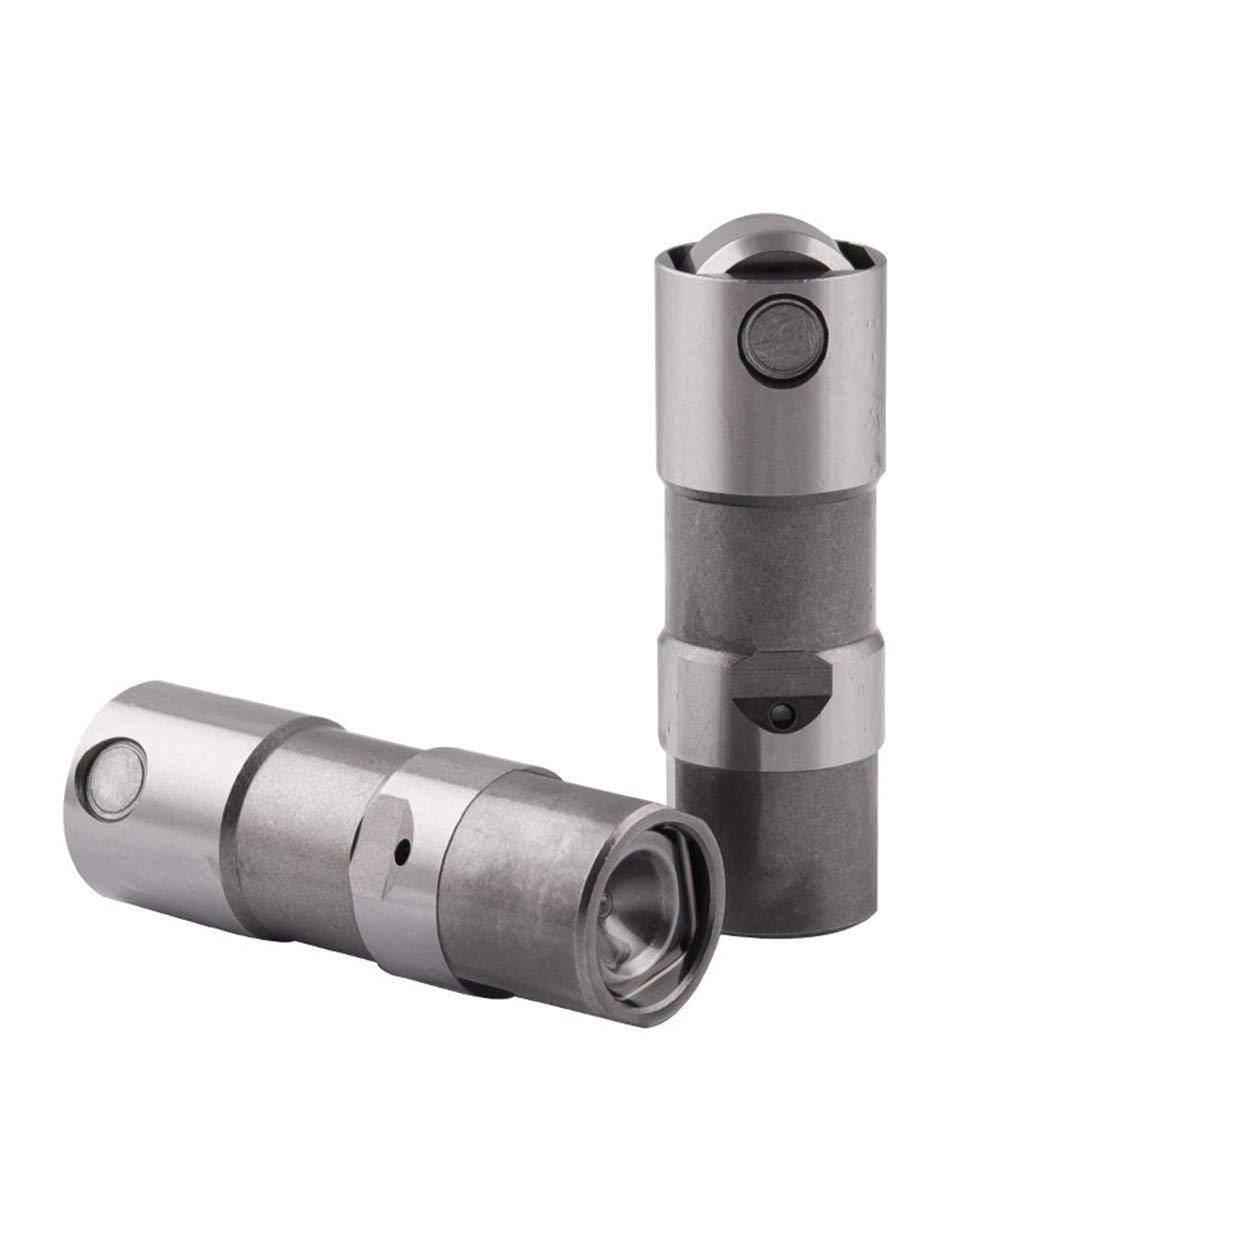 Punterie idrauliche per valvole ad alte prestazioni LS7 LS2 16 sollevatori a rulli idraulici GM Performance e 4 guide 12499225 HL124 colore: grigio scuro